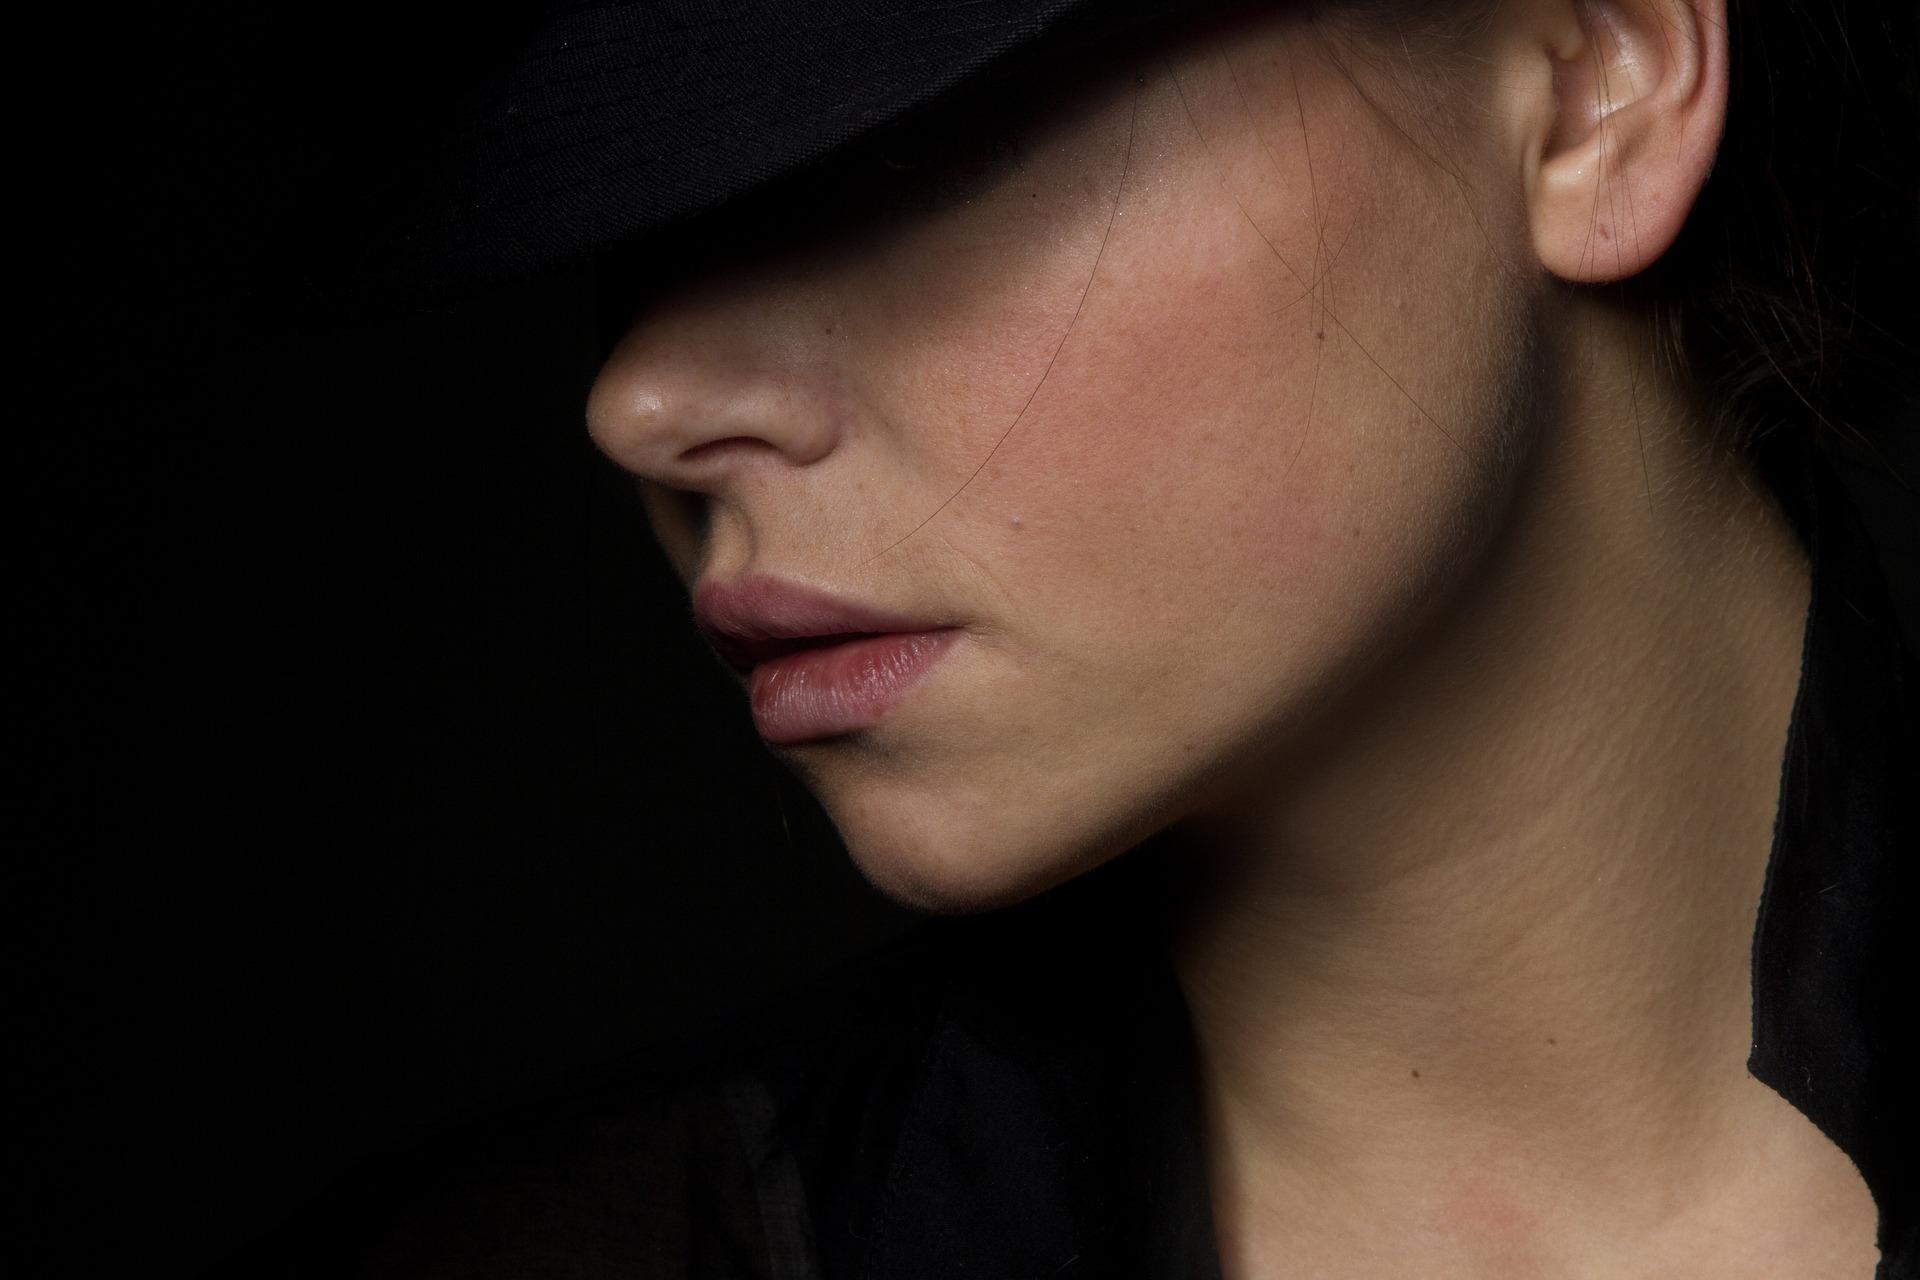 Kaakspier behandelen met Botox